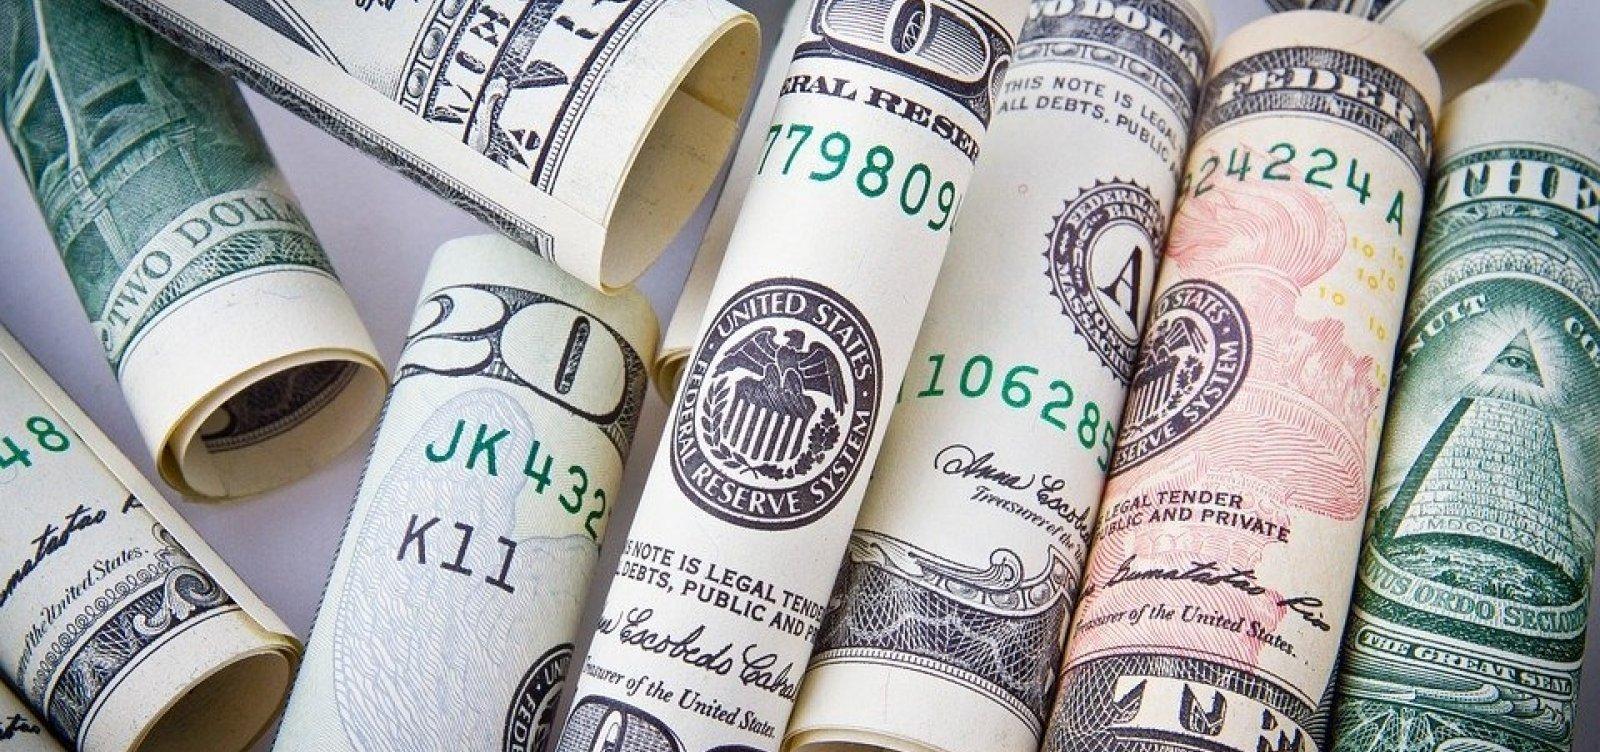 Dólar fecha a R$ 4,21 e atinge novo recorde histórico